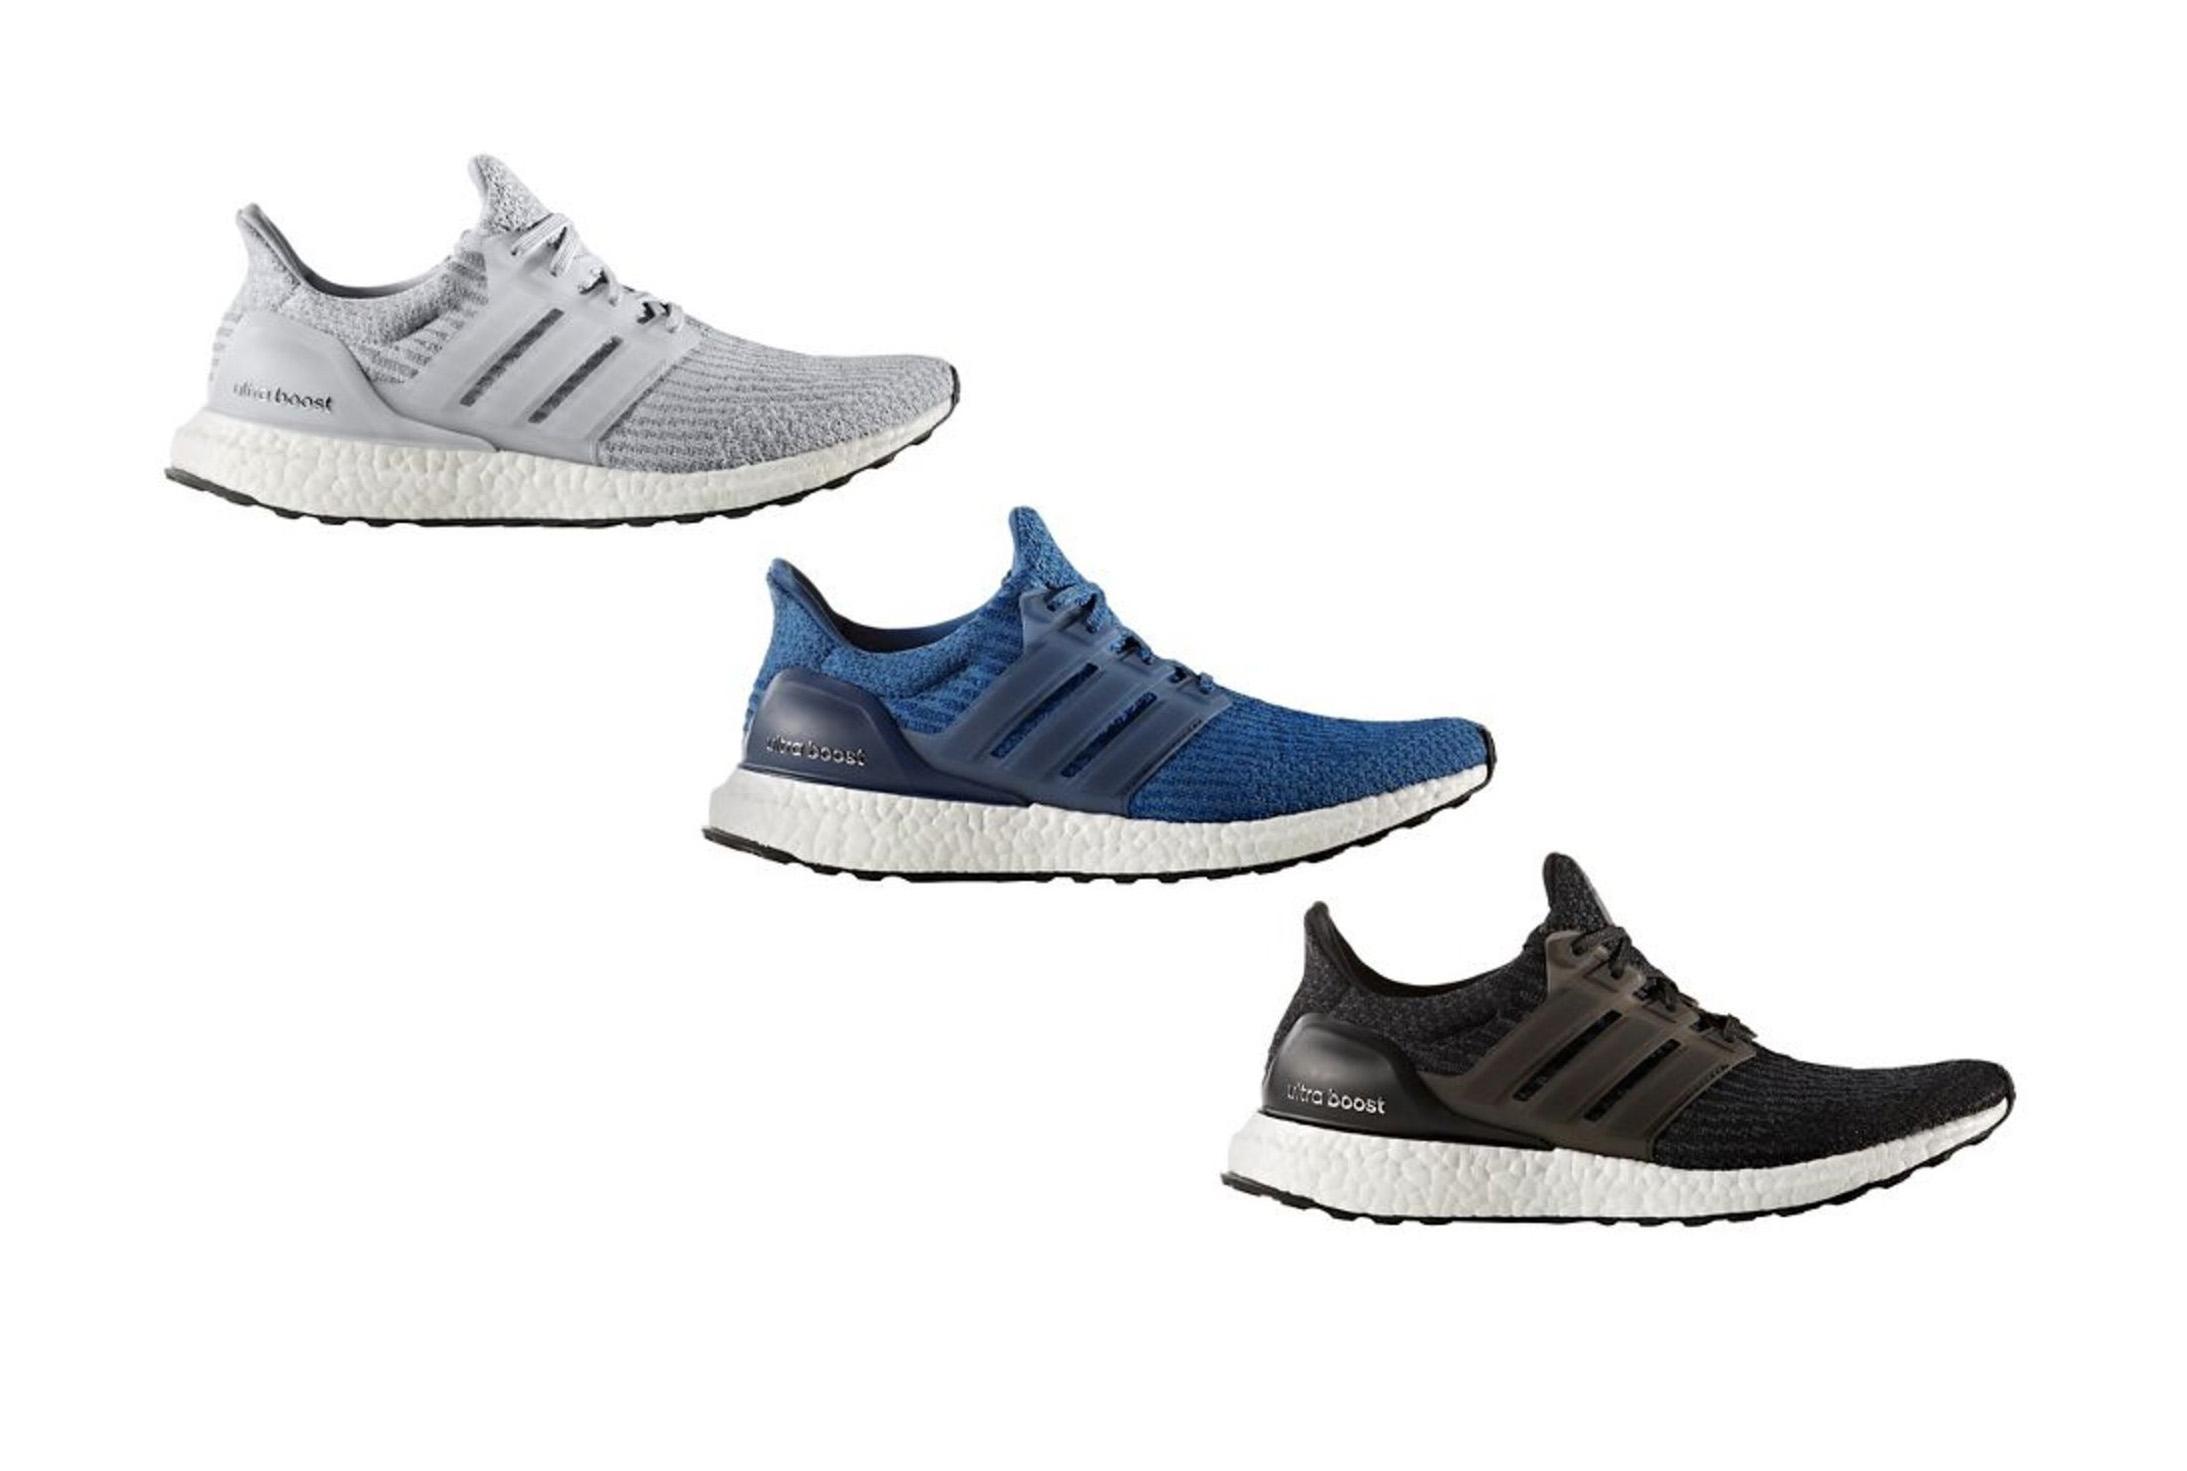 adidas-ultra-boost-3-0-black-grey-blue-wool